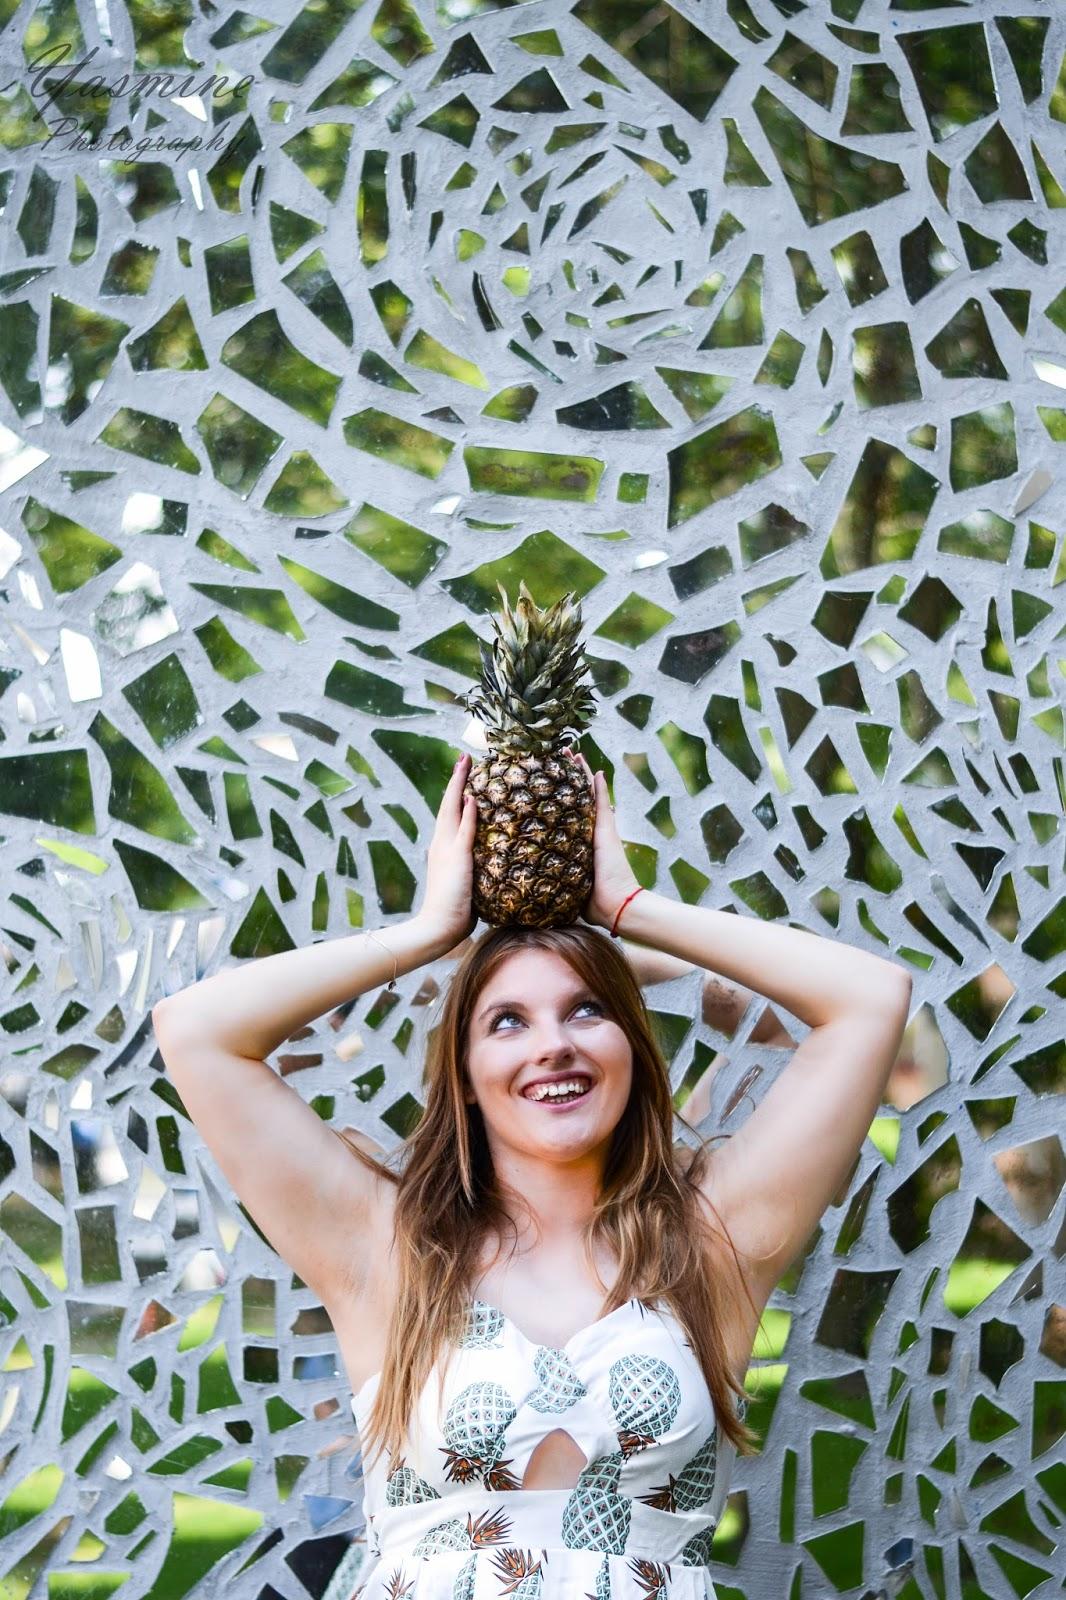 czy warto kupowac na stronach chińskich sklepów zaful sammydress dresslink sukienka w ananasy chińskie sklepy internetowe jakość pineapple dress fashion style melodylaniella yasmine photography d